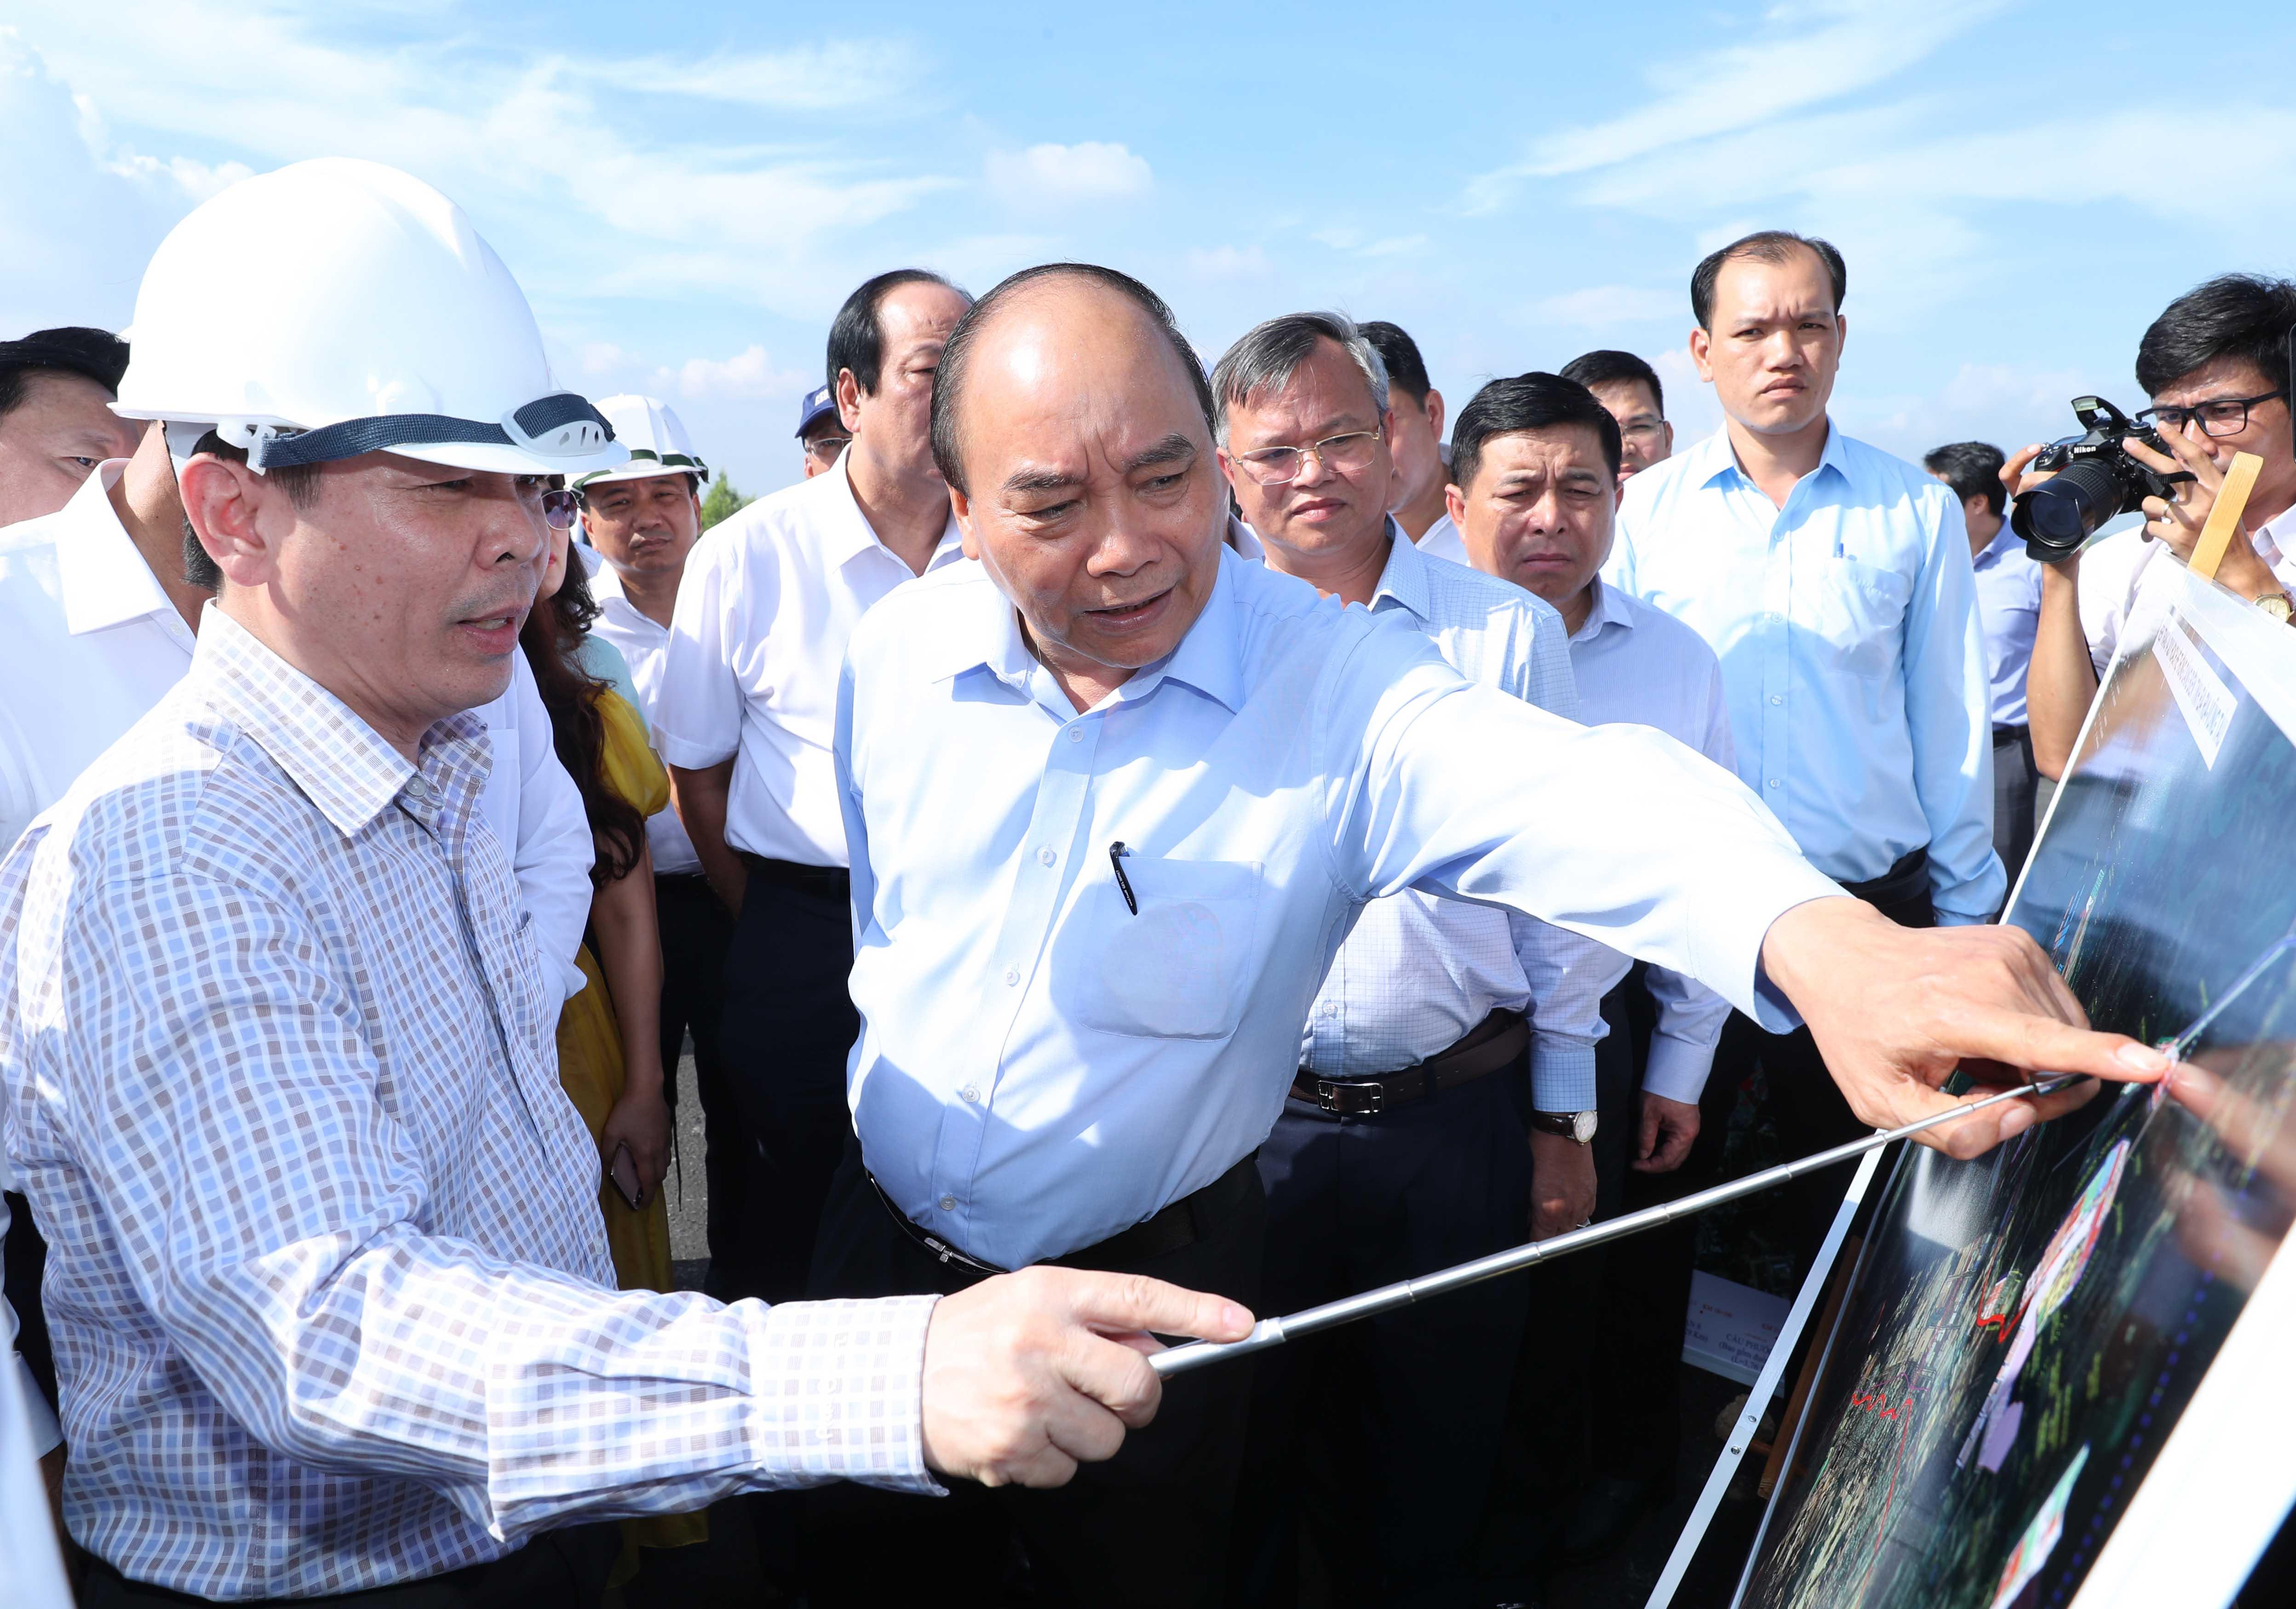 Thủ tướng Nguyễn Xuân Phúc thị sát cầu Phước An, tỉnh Bà Rịa - Vũng Tàu, ngày 30/5/2020. Ảnh: VGP.